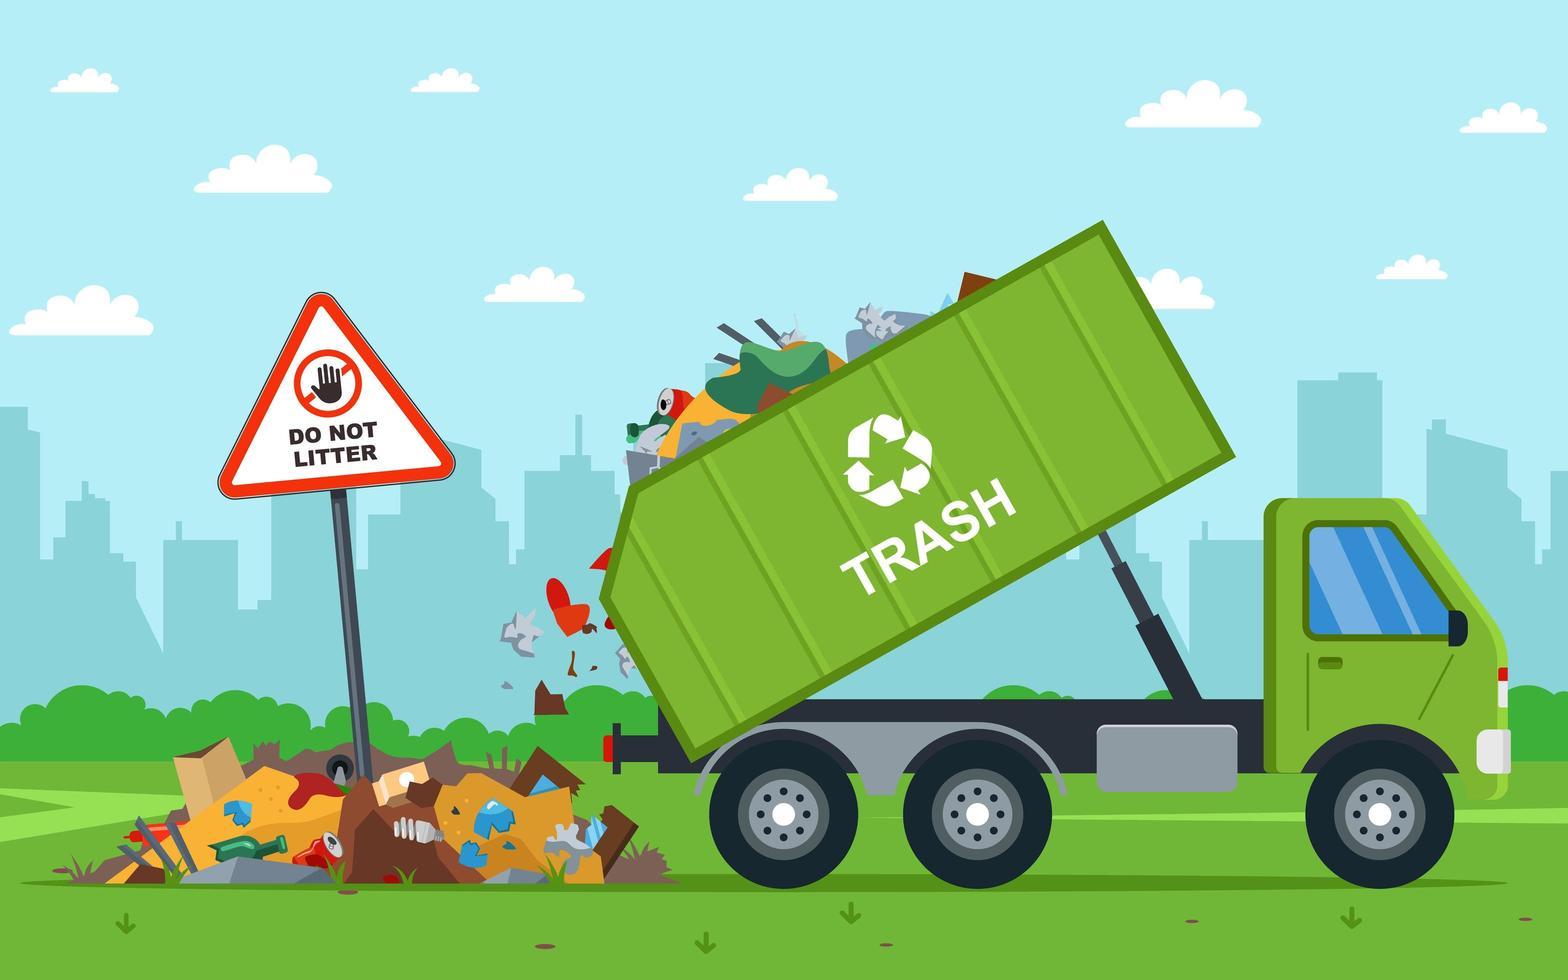 autocarro con cassone ribaltabile scarico illegale di rifiuti in campo vettore